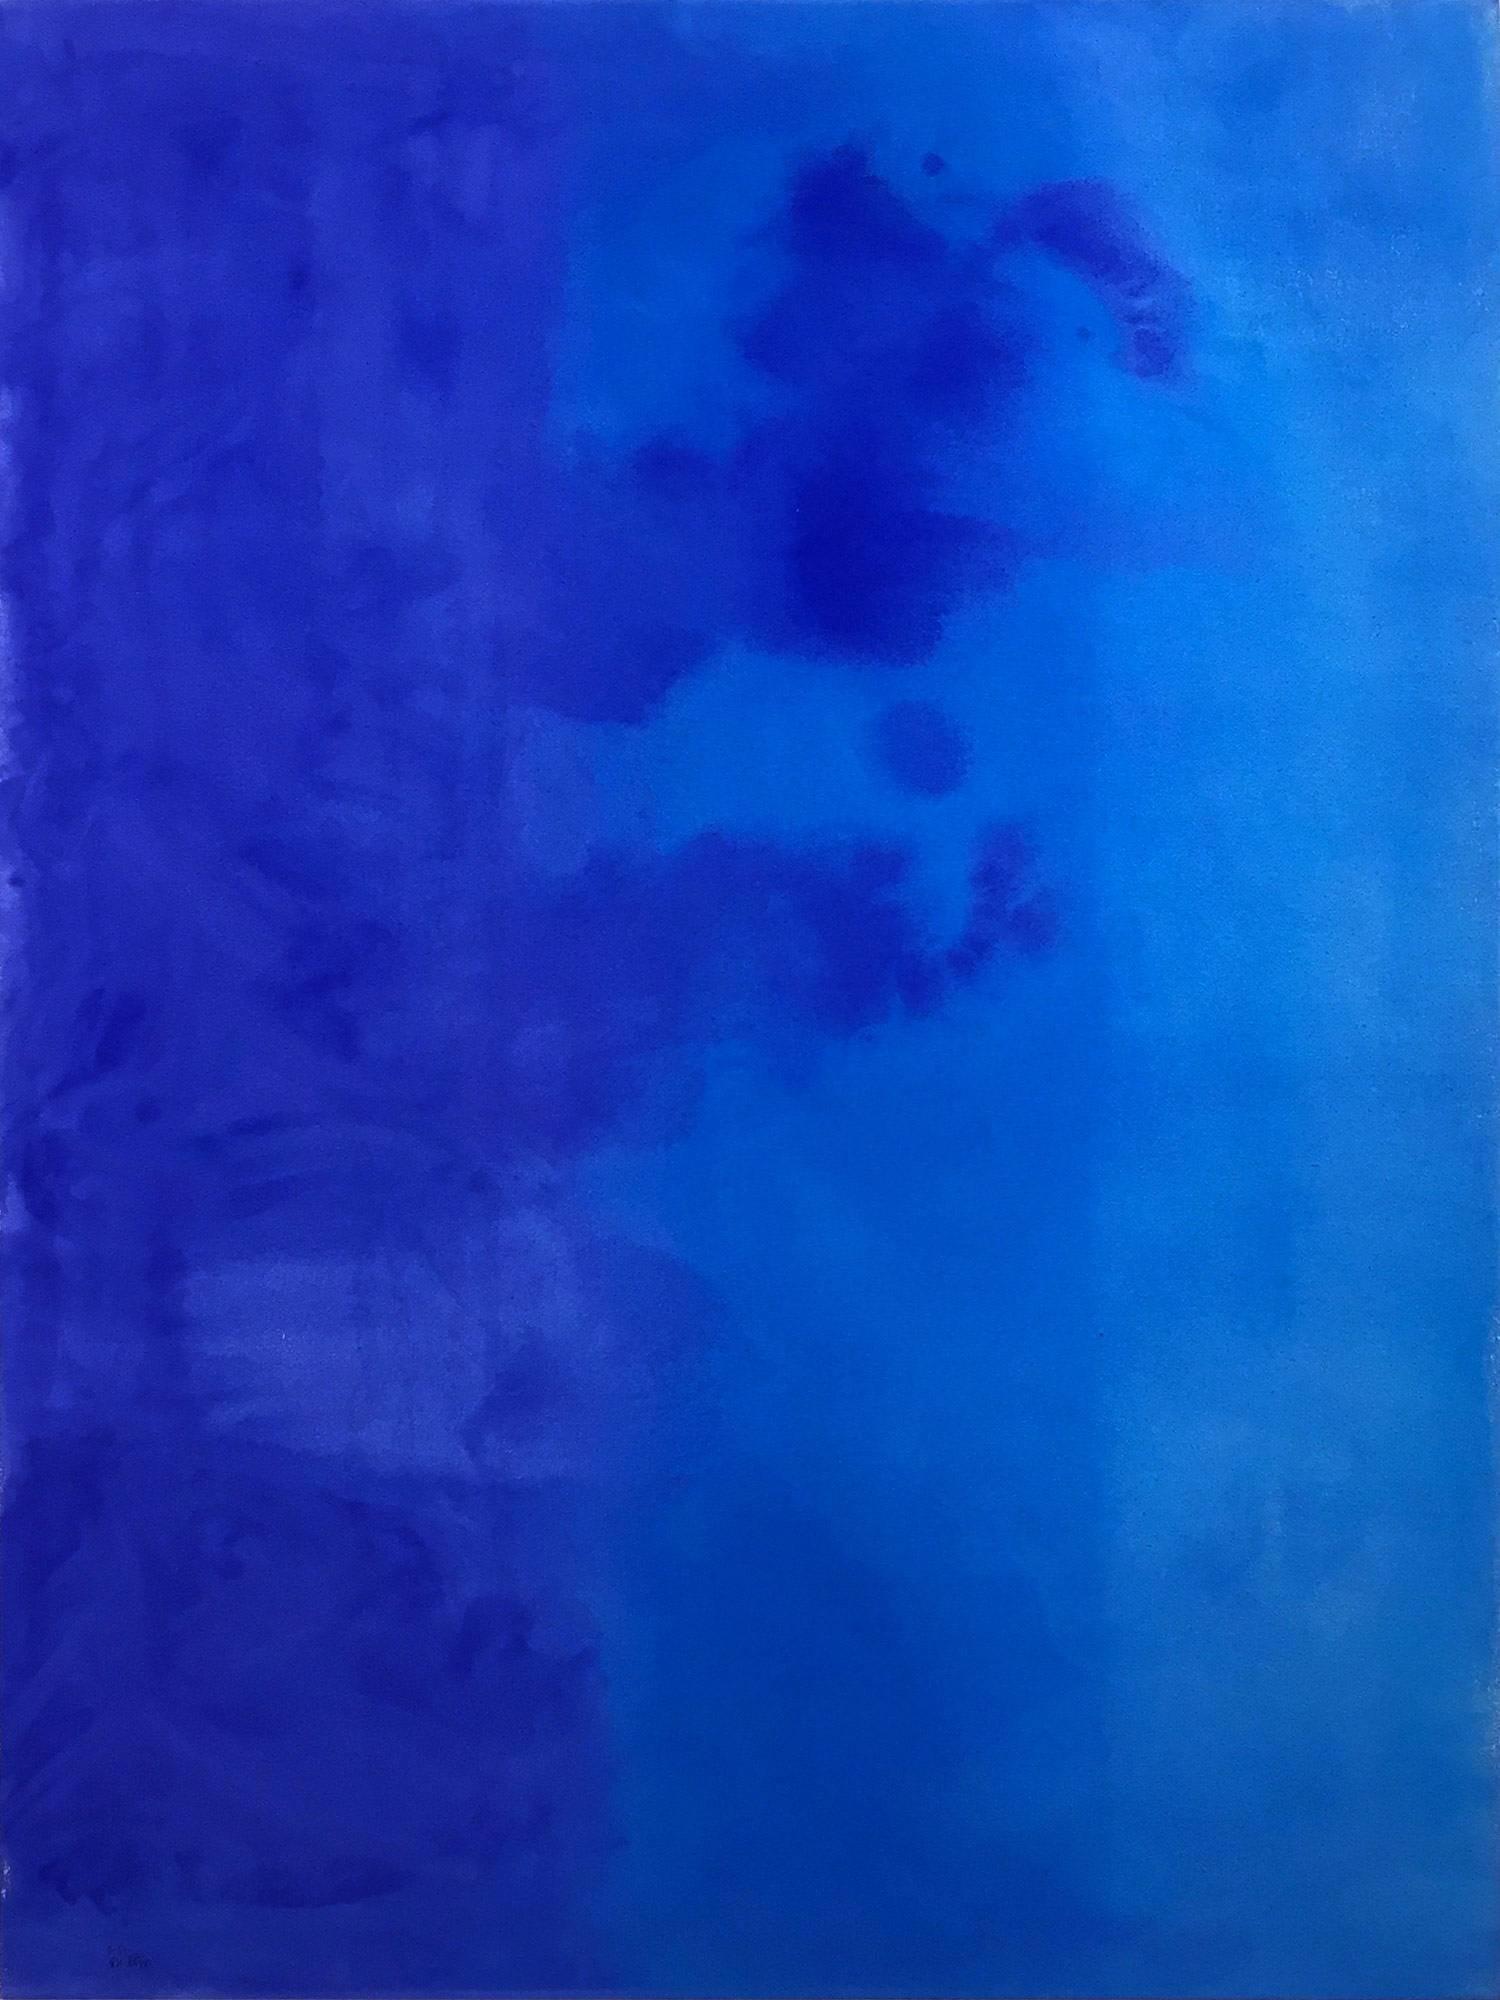 Deep Blue Soft Blue